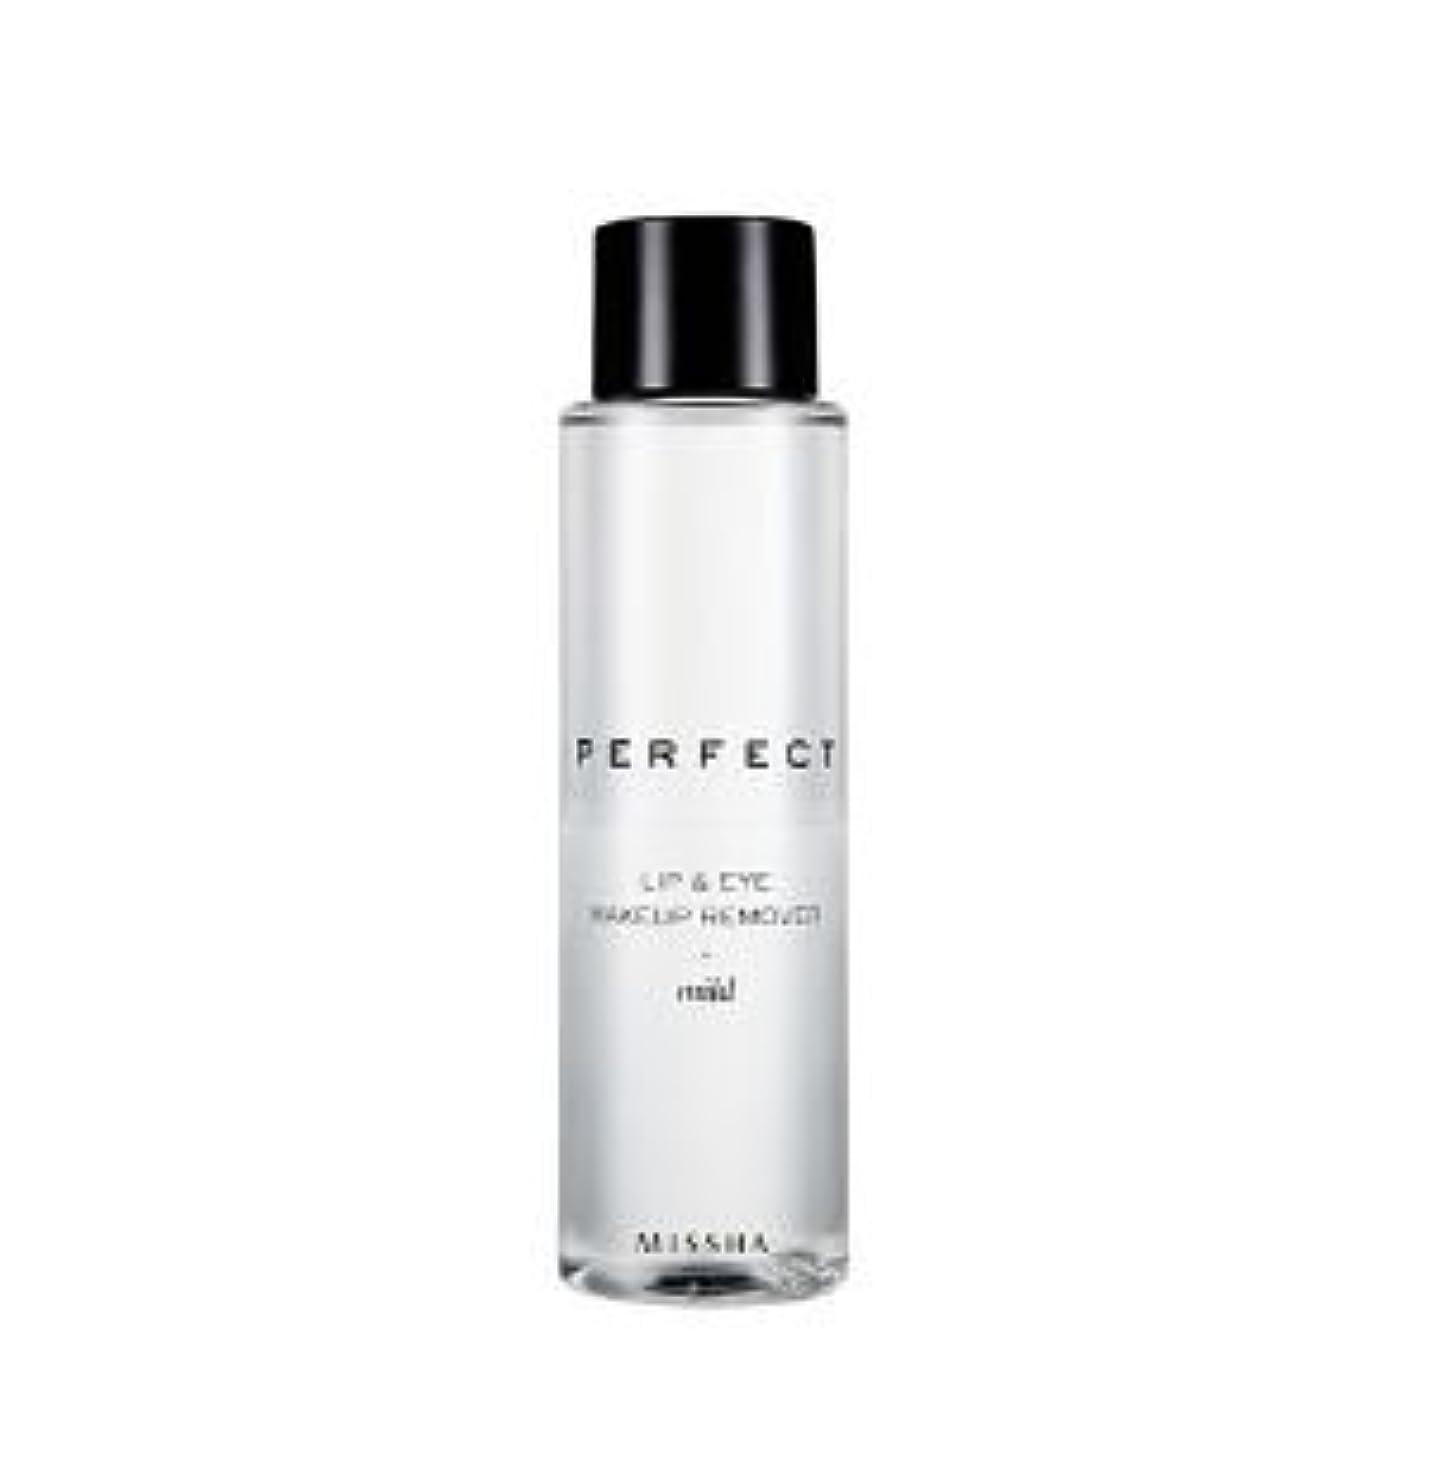 スズメバチ洗うレタスMISSHA Perfect Lip & Eye Makeup Remover (Mild) ミシャパーフェクトリップ&アイメイクアップリムーバー(マイルド) [並行輸入品]